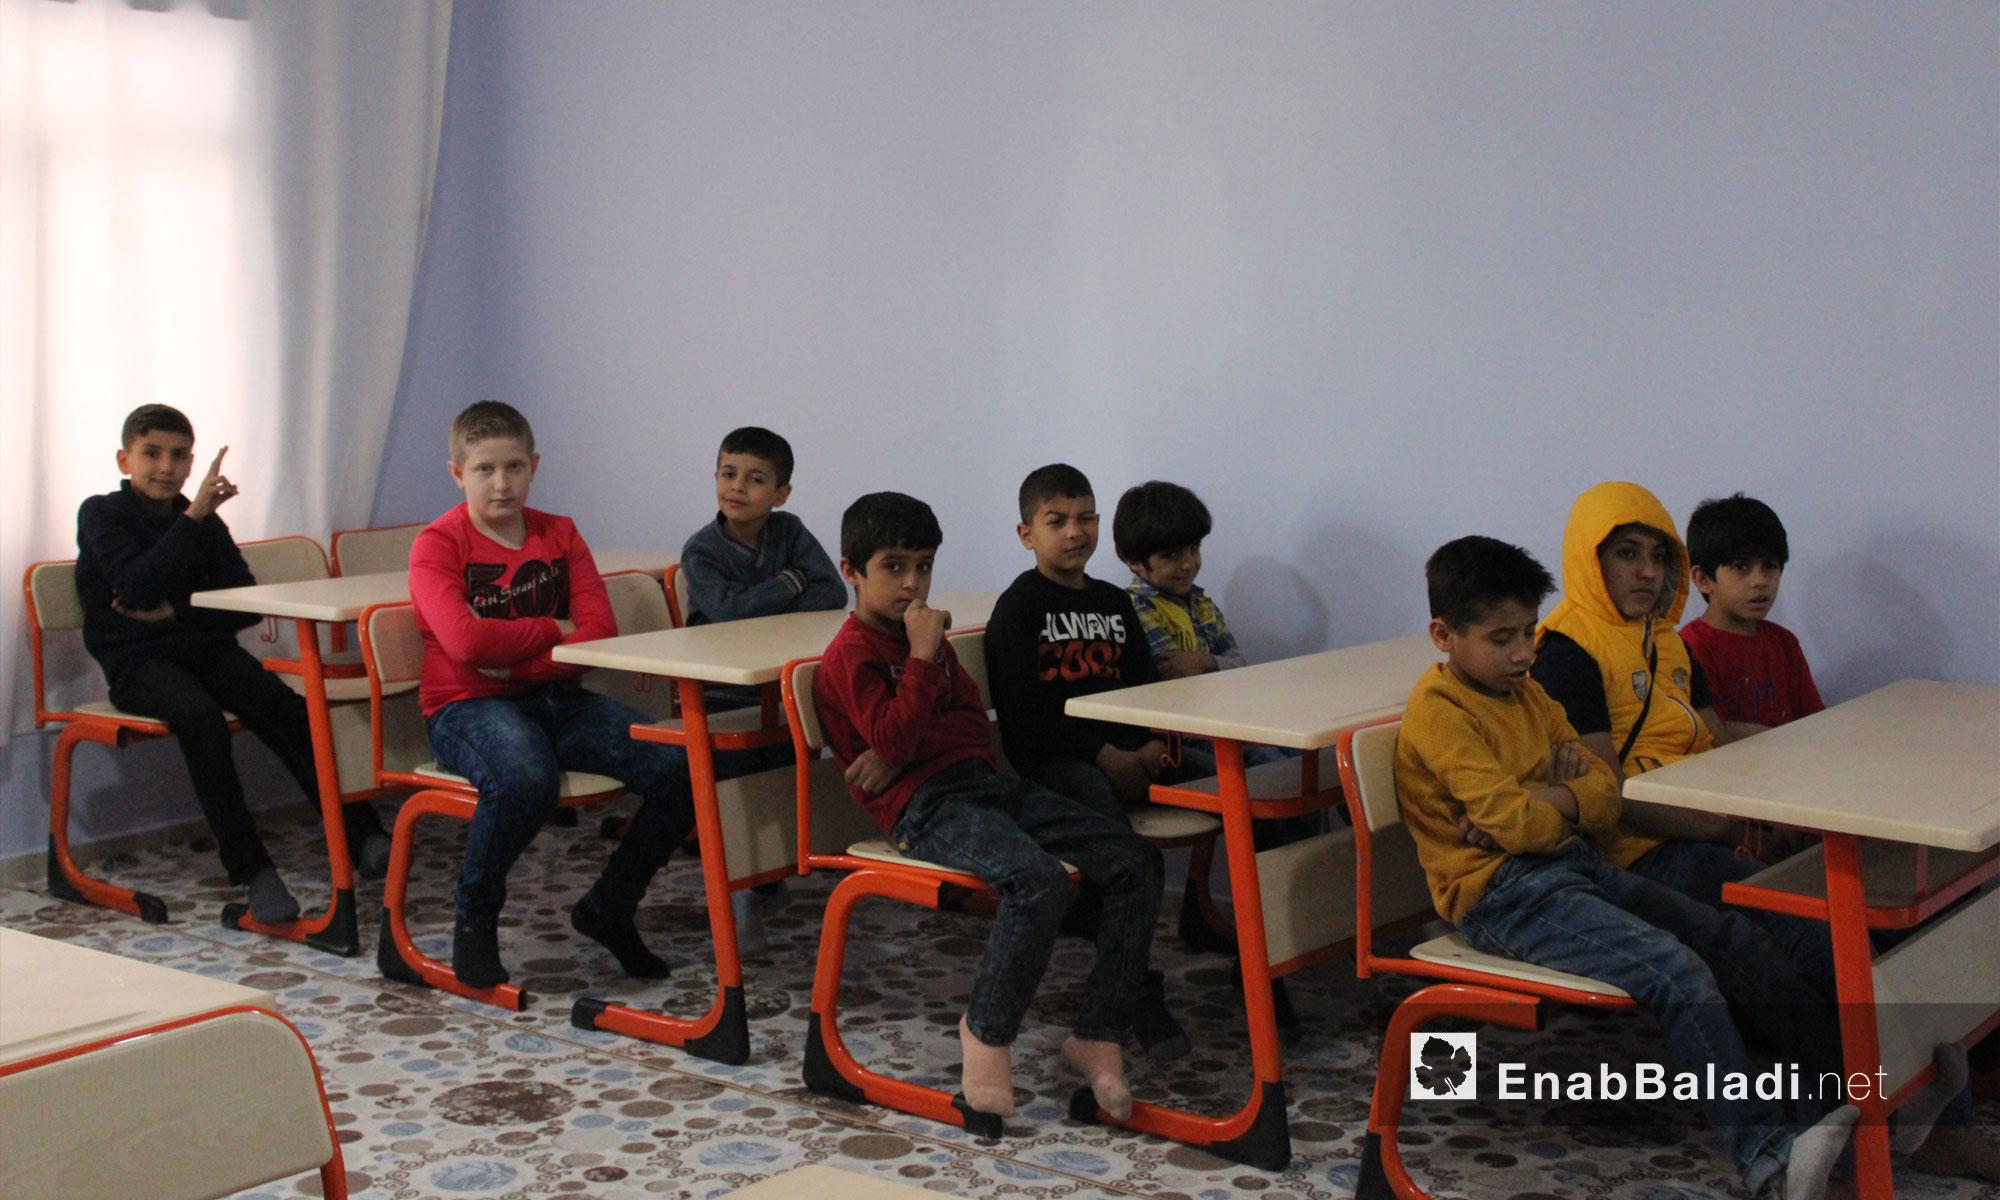 """افتتاح مركز """"تراحم 2"""" المجتمعي في مدينة أورفة التركية برعاية جمعية """"عطاء"""" للإغاثة الإنسانية وفريق """"تراحم"""" الكويتي - 27 تشرين الأول 2017 (عنب بلدي)"""